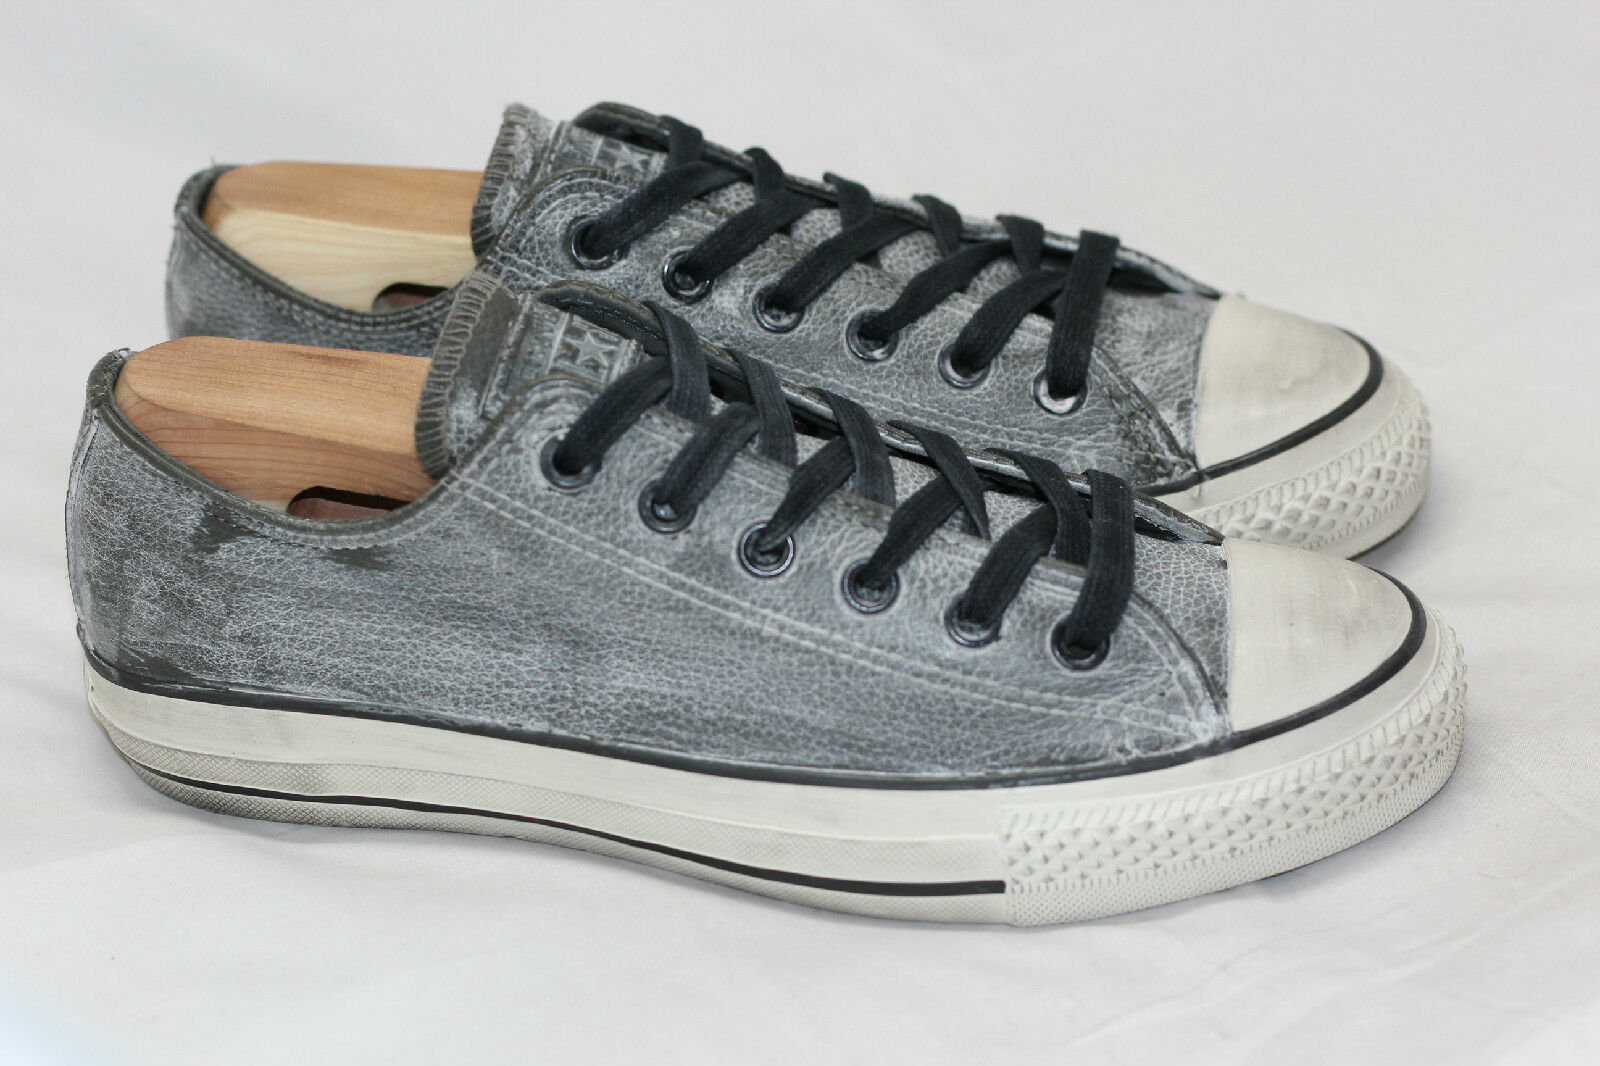 All Star Converse X John Varvatos Pelle Low Top SneakerNero Beluga 6 (R79)